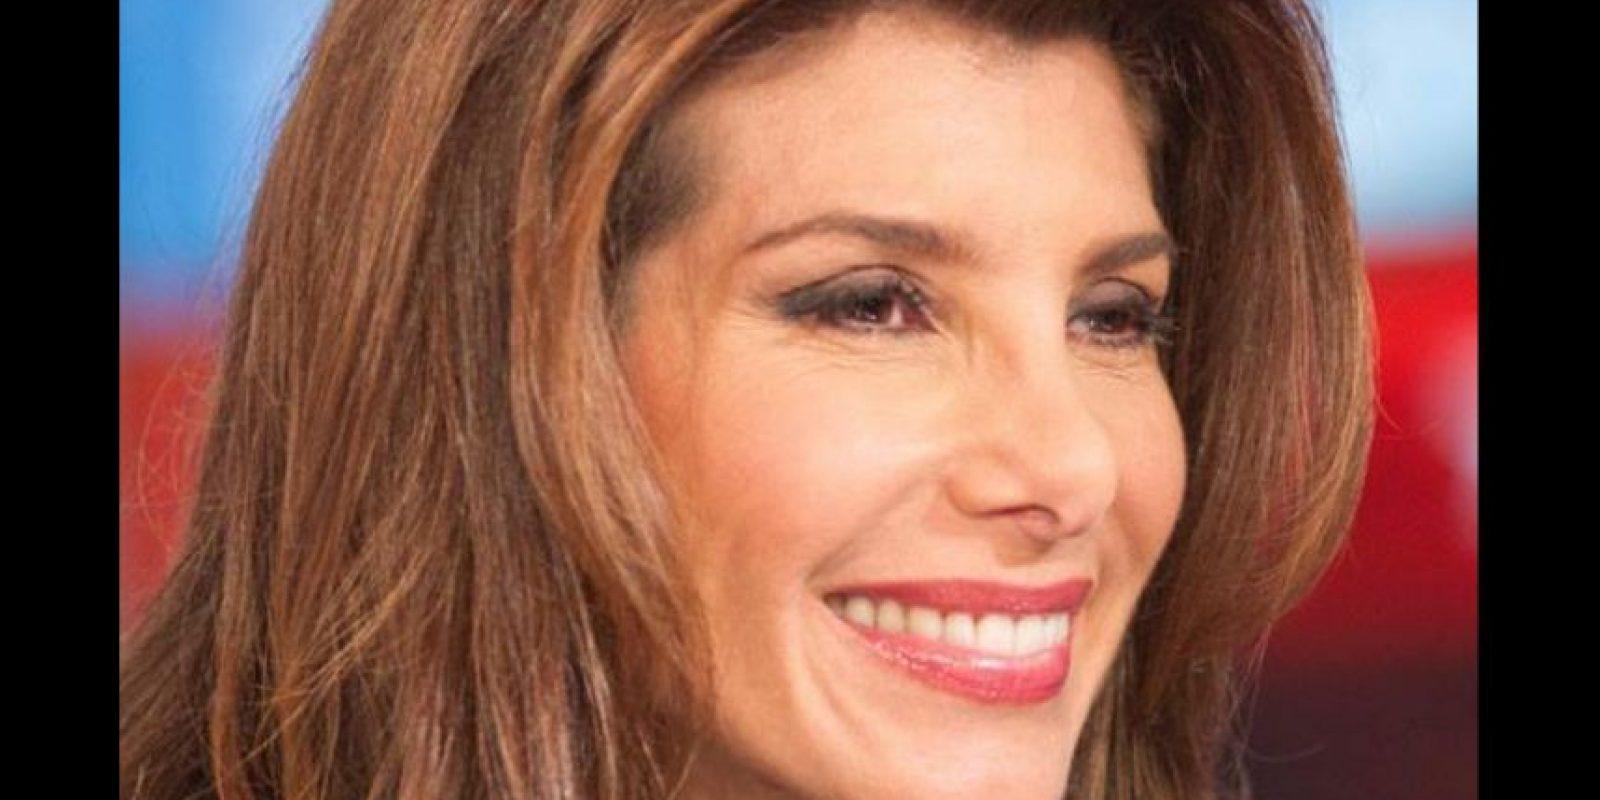 La periodista Ángela Patricia Janiot ha dado a conocer la noticia mediante las redes sociales. Foto:Vía facebook.com/PatriciaJaniotCNN